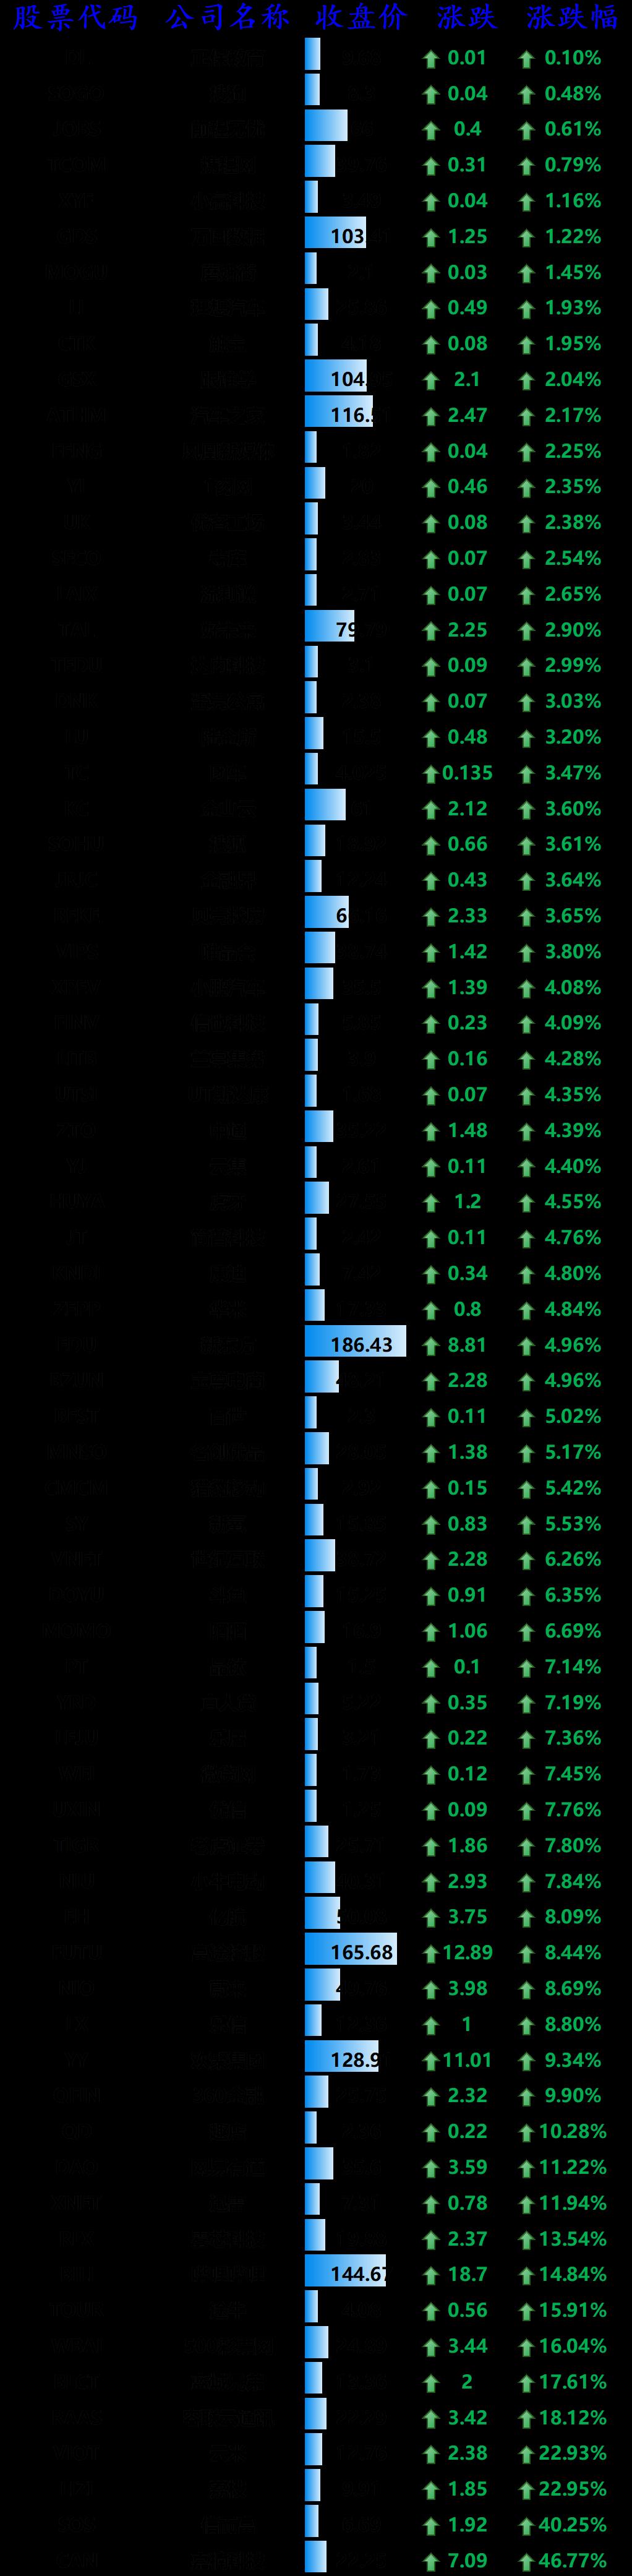 美股全线收涨:特斯拉上涨 6.36%,拼多多、蔚来涨逾 8%,哔哩哔哩大涨 14.84%